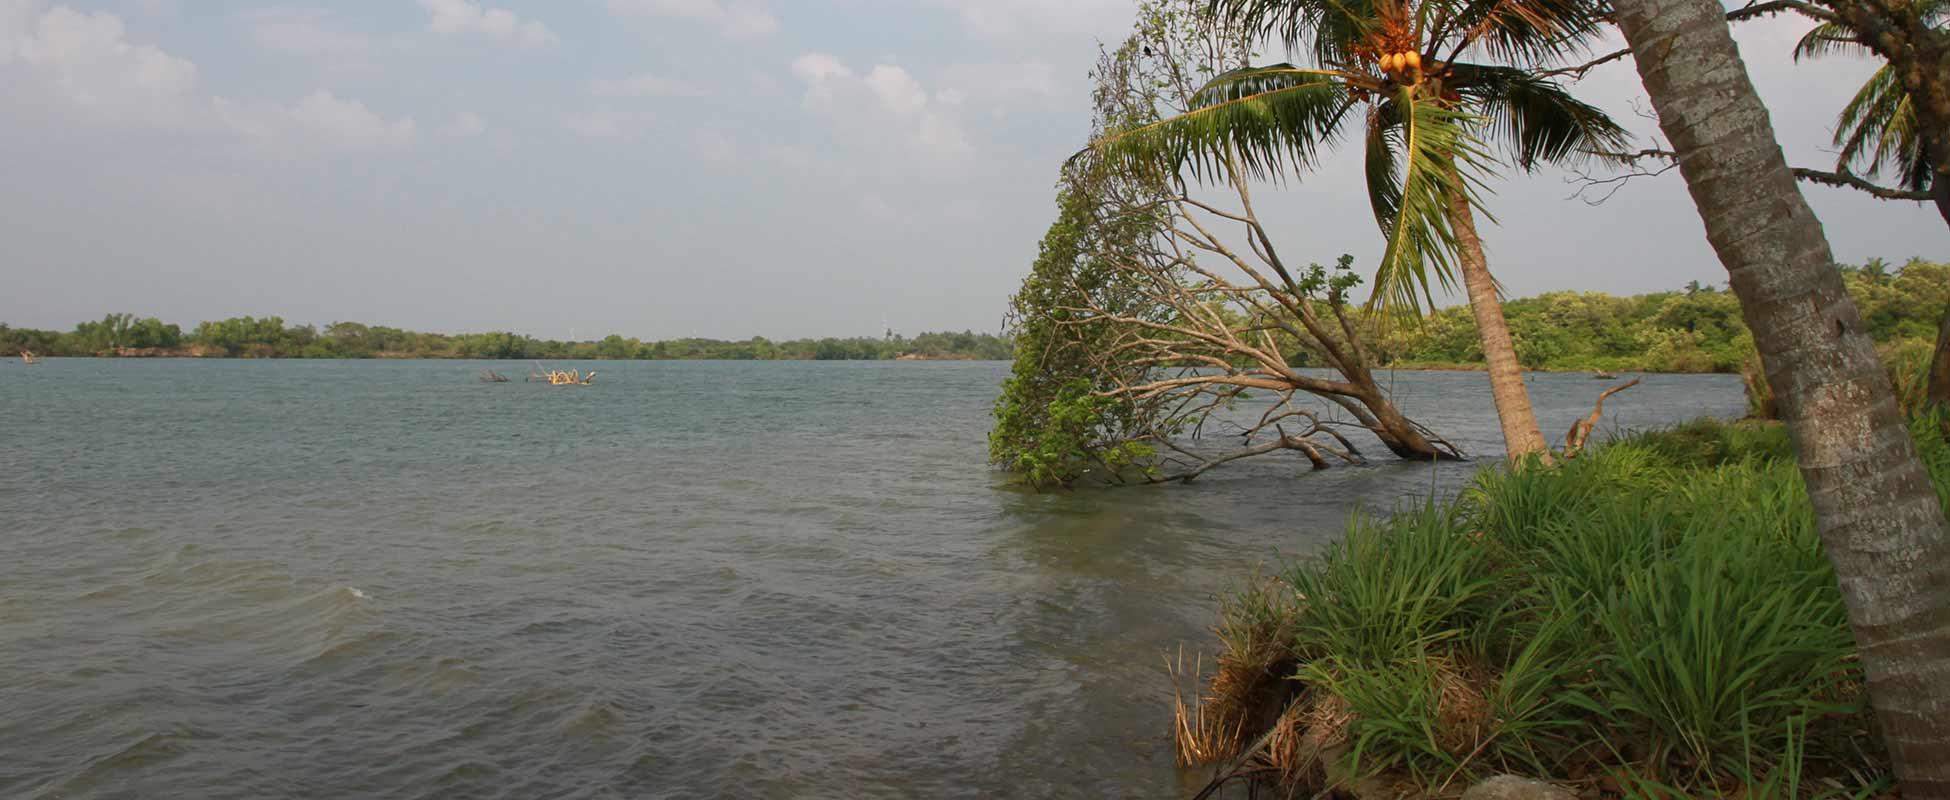 Chilaw Sri Lanka  city images : Sri Lanka   Bootsfahrt auf der Lagune von Chilaw ≈